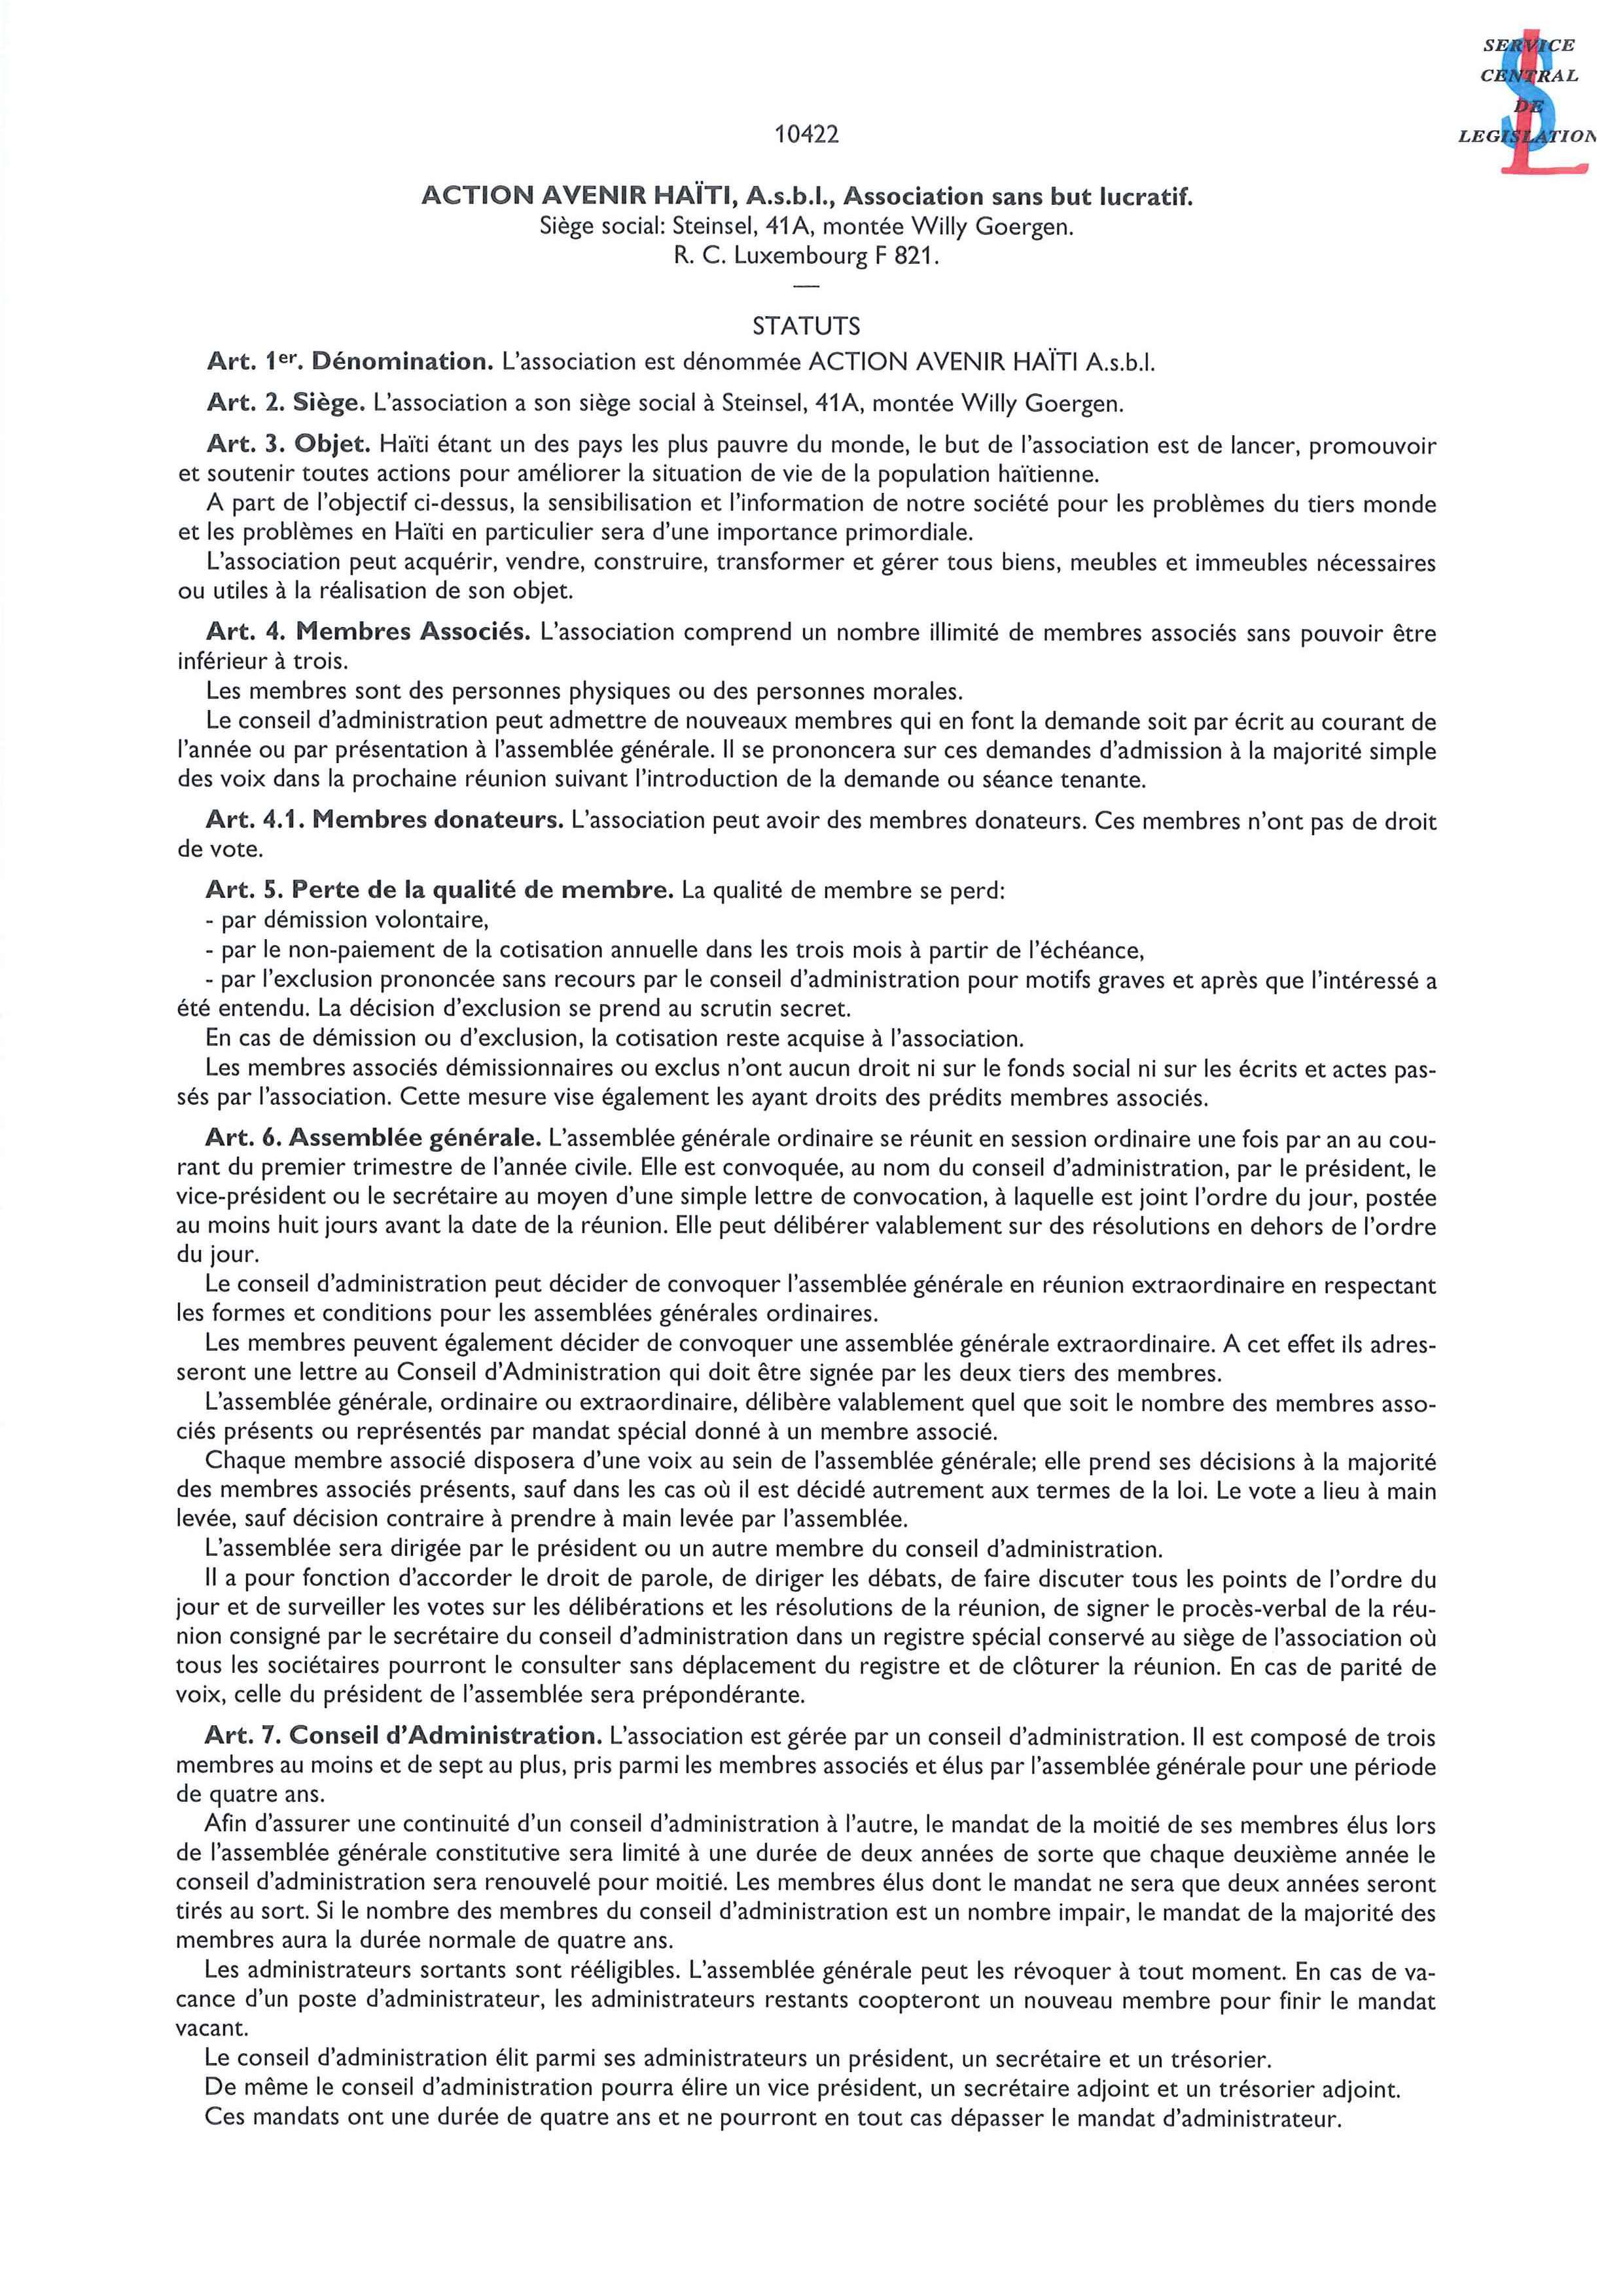 20041025_AAH_Statut_Memorial_Page_1